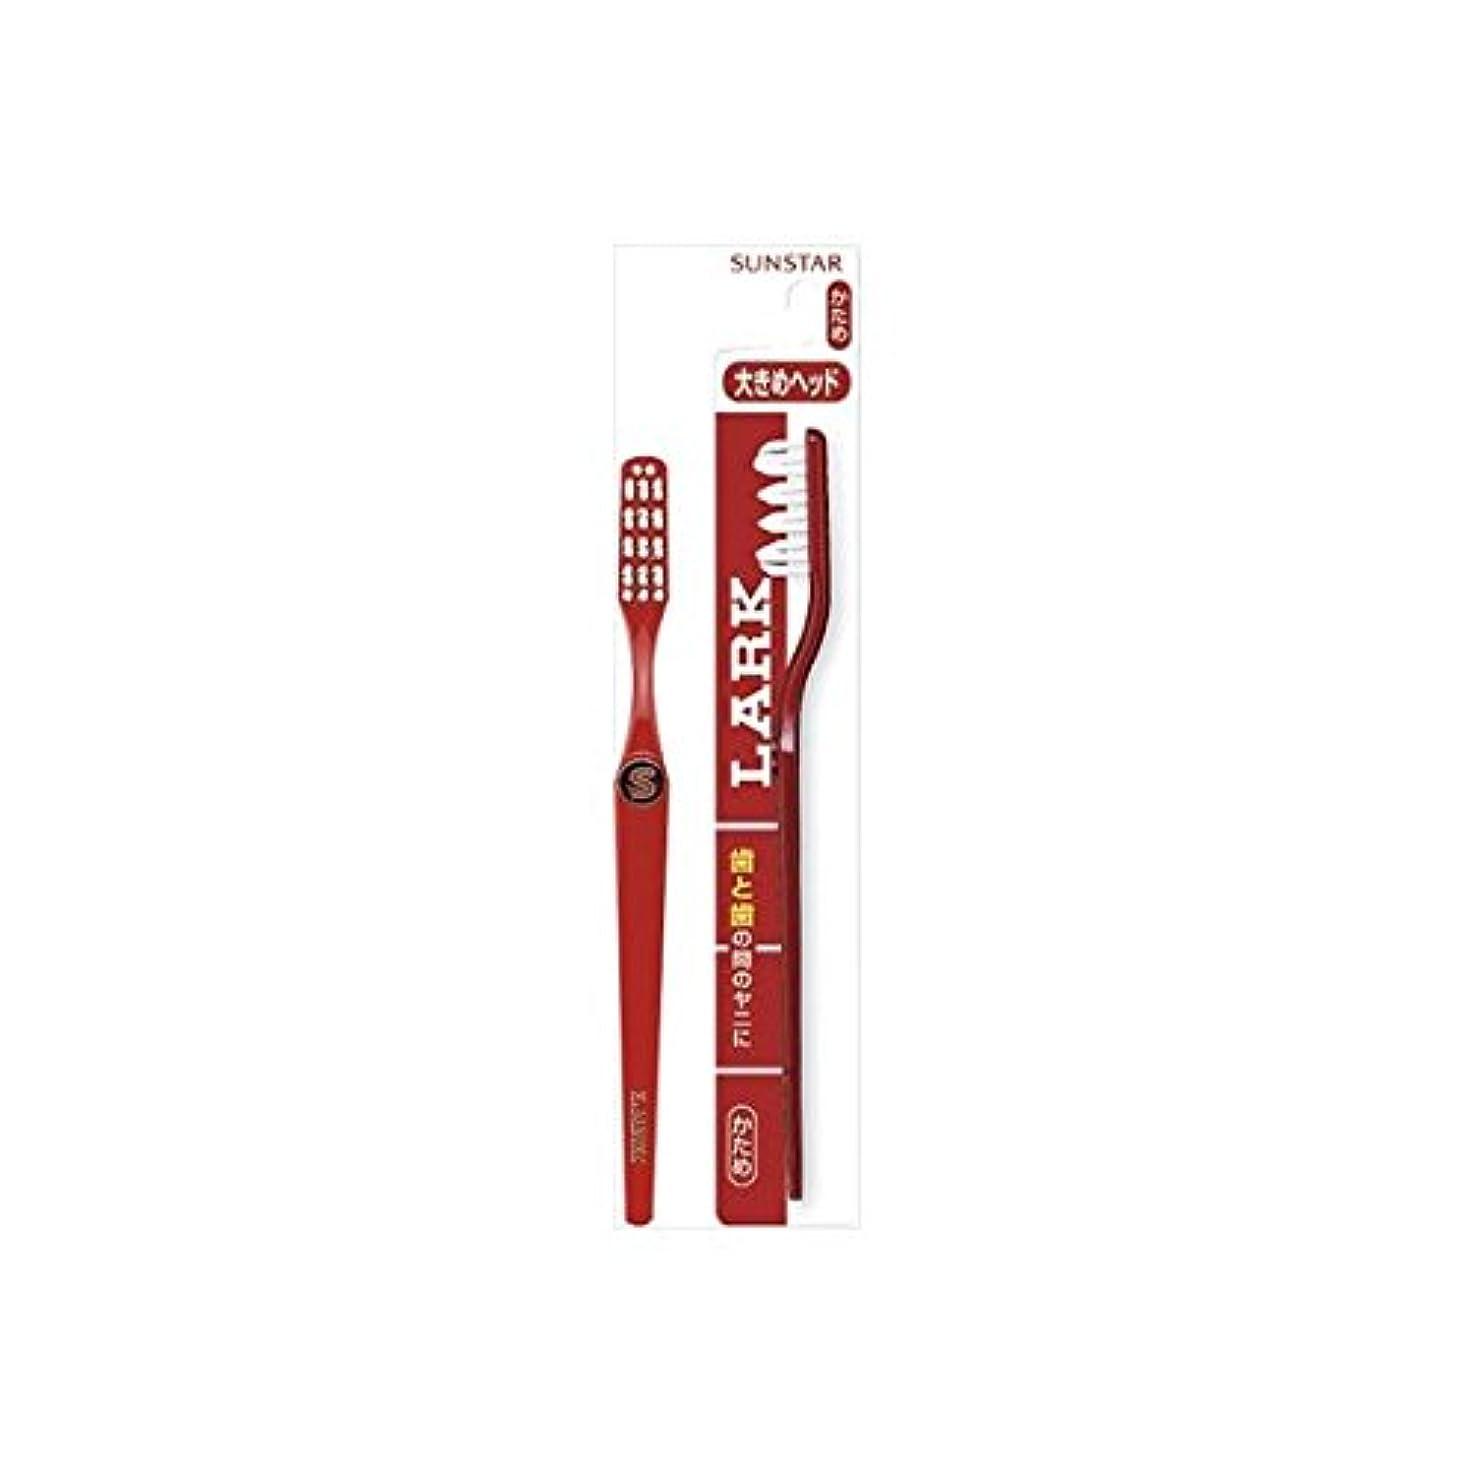 不信特徴づけるガムサンスター ラーク 歯ブラシ レギュラーヘッド × 6 点セット